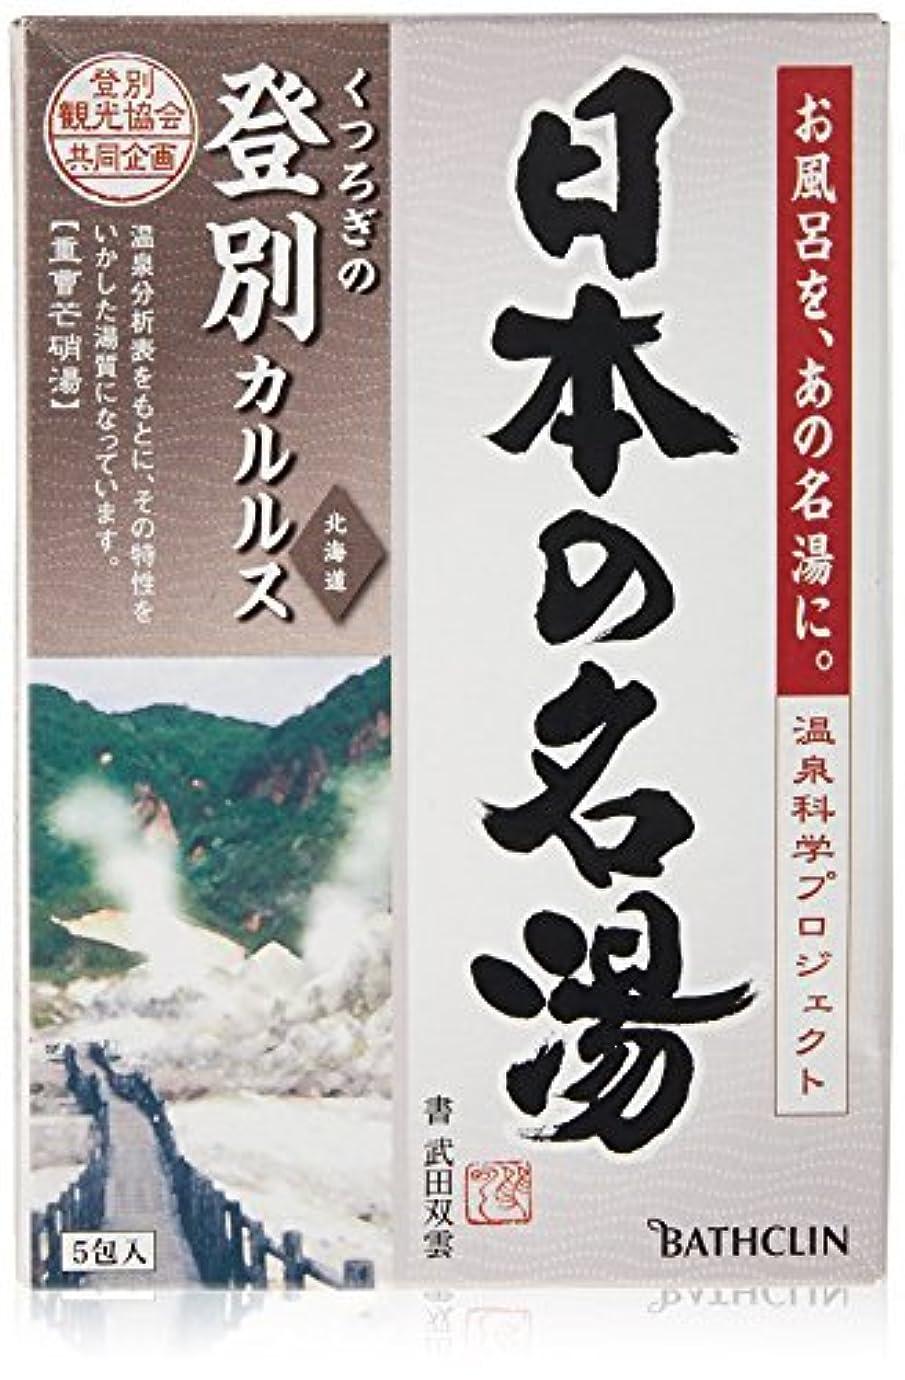 【まとめ買い】【医薬部外品】日本の名湯入浴剤 登別カルルス 30g×5包 個包装 温泉タイプ ×8個